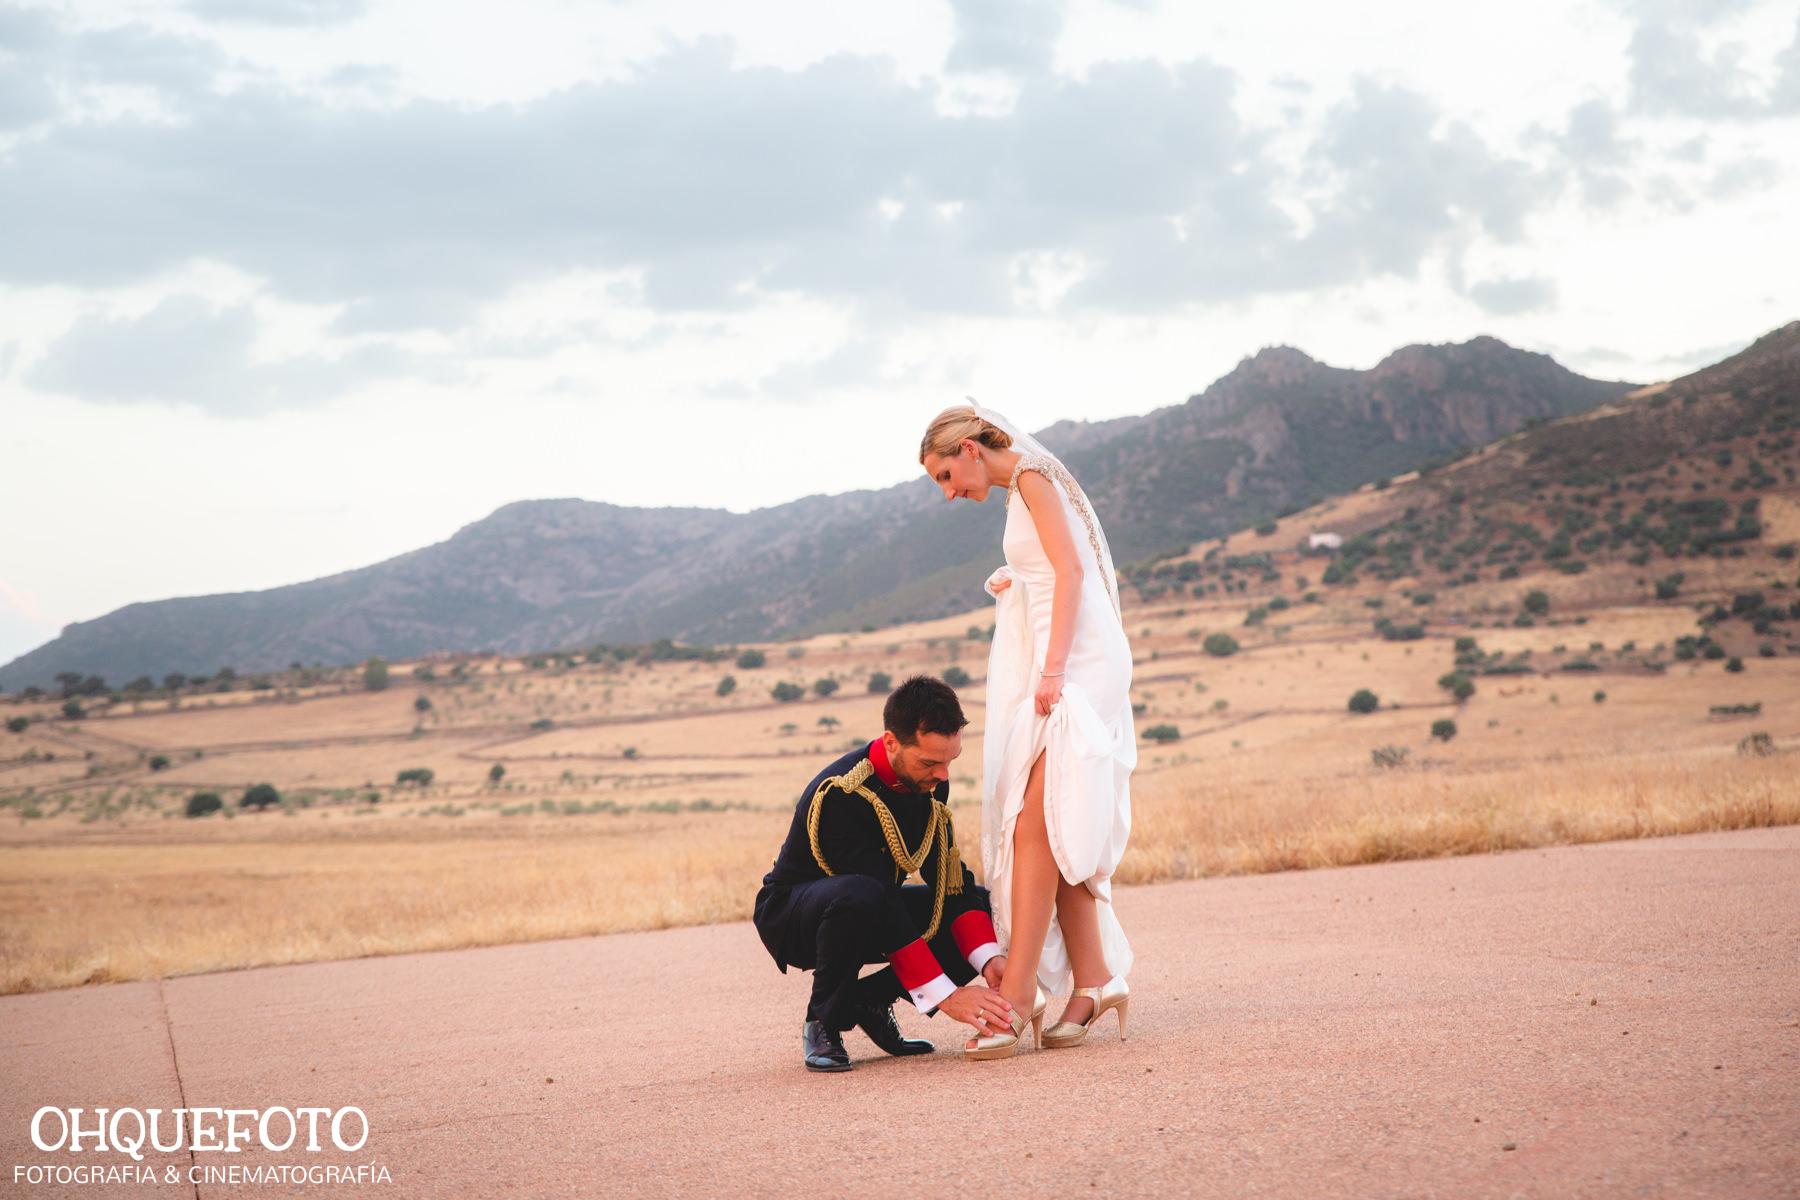 boda en la peraleda boda en cabeza del buey boda en capilla reportaje de bodas en almaden video de bodas en cordoba471 - Jose y Gema - Boda en Zarza Capilla y la Finca La Peraleda (Chillón)